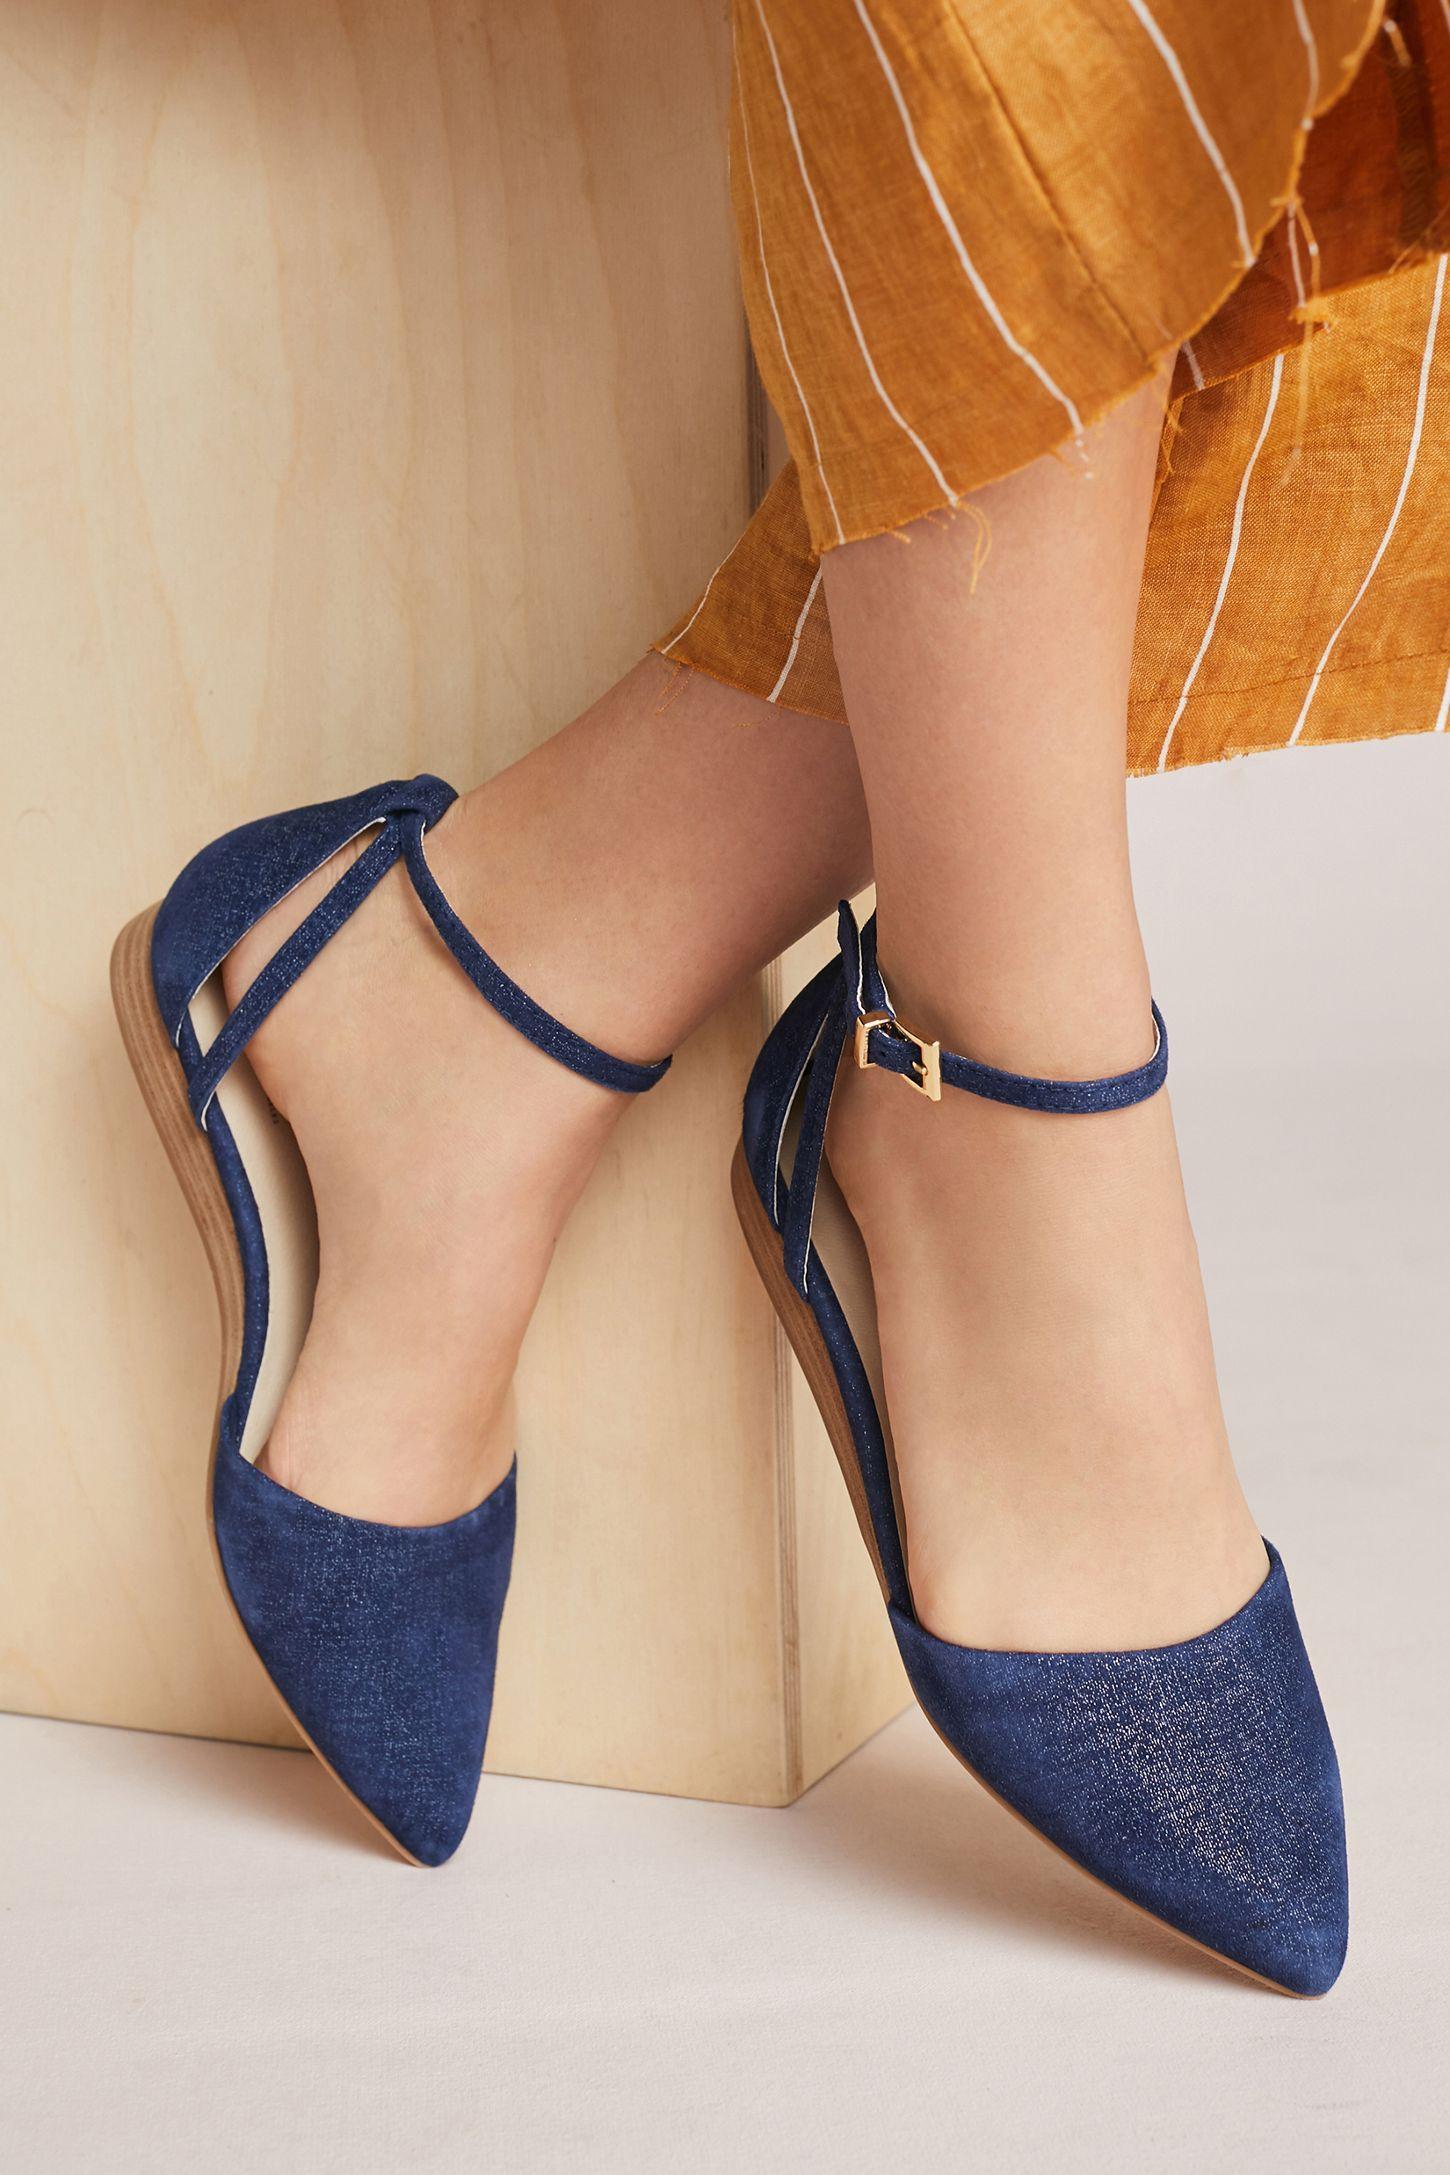 96073c03395d51 Slide View  4  Seychelles Plateau City Flats Shoes Boots Ankle